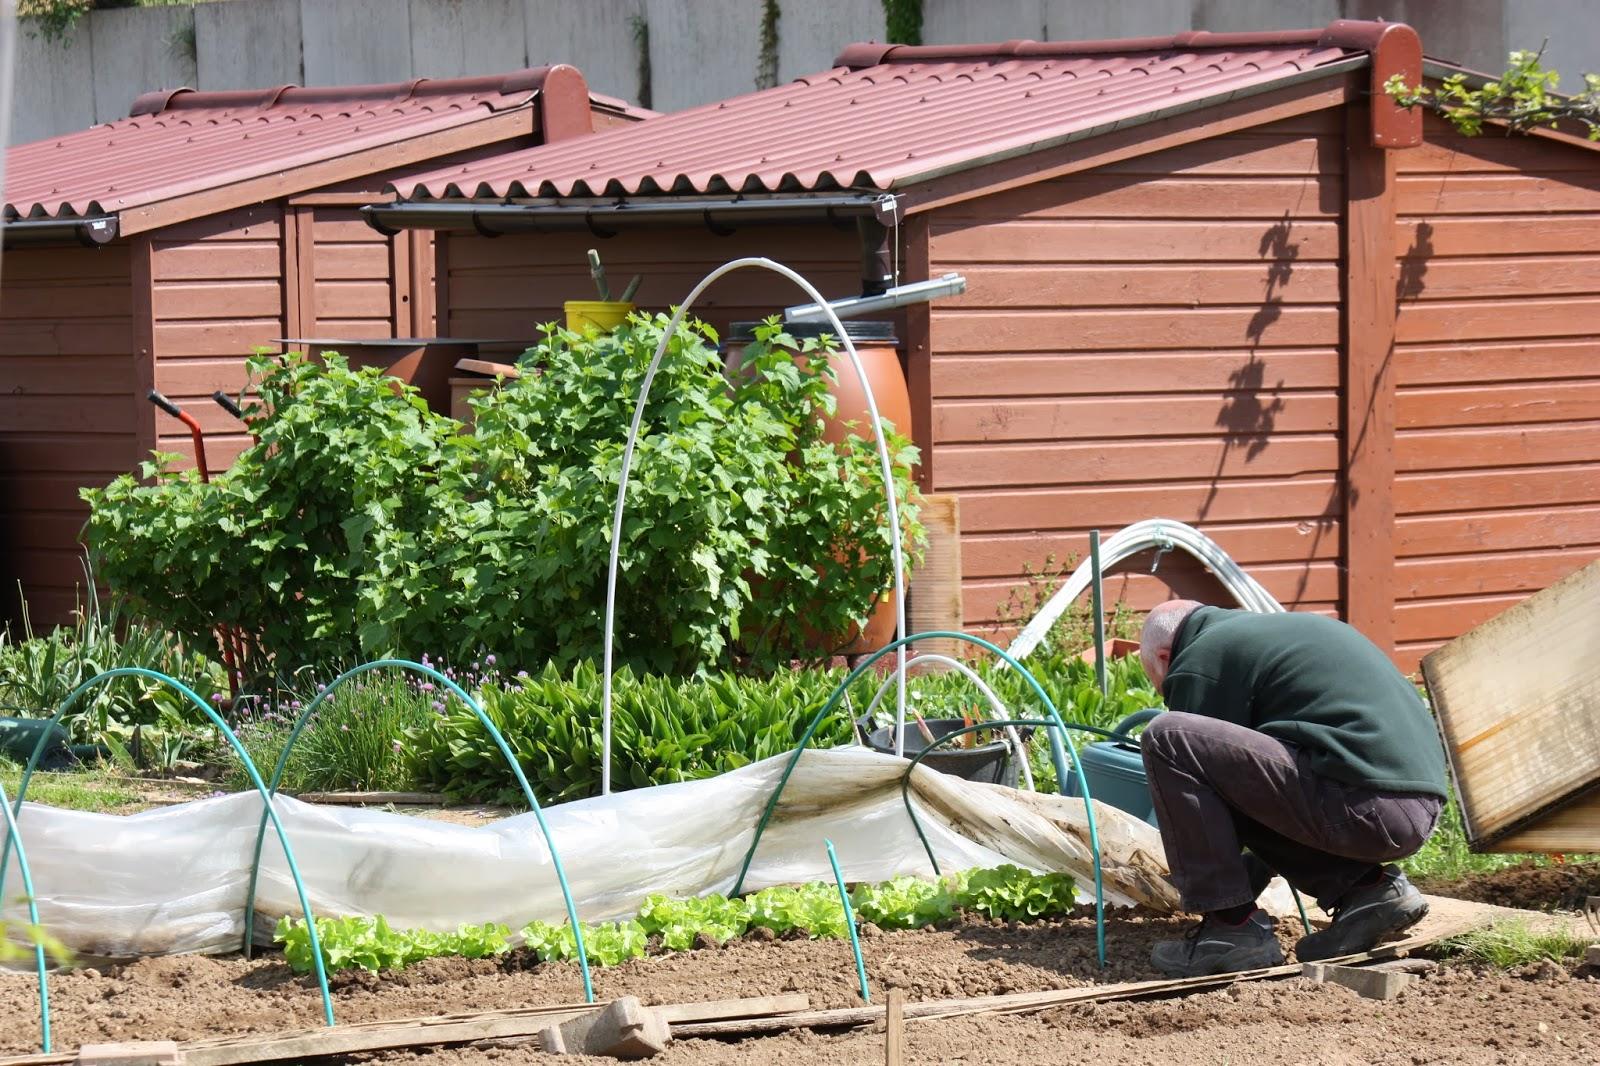 Jardins familiaux de savigny le temple seine et marne for Jardins de jardiniers